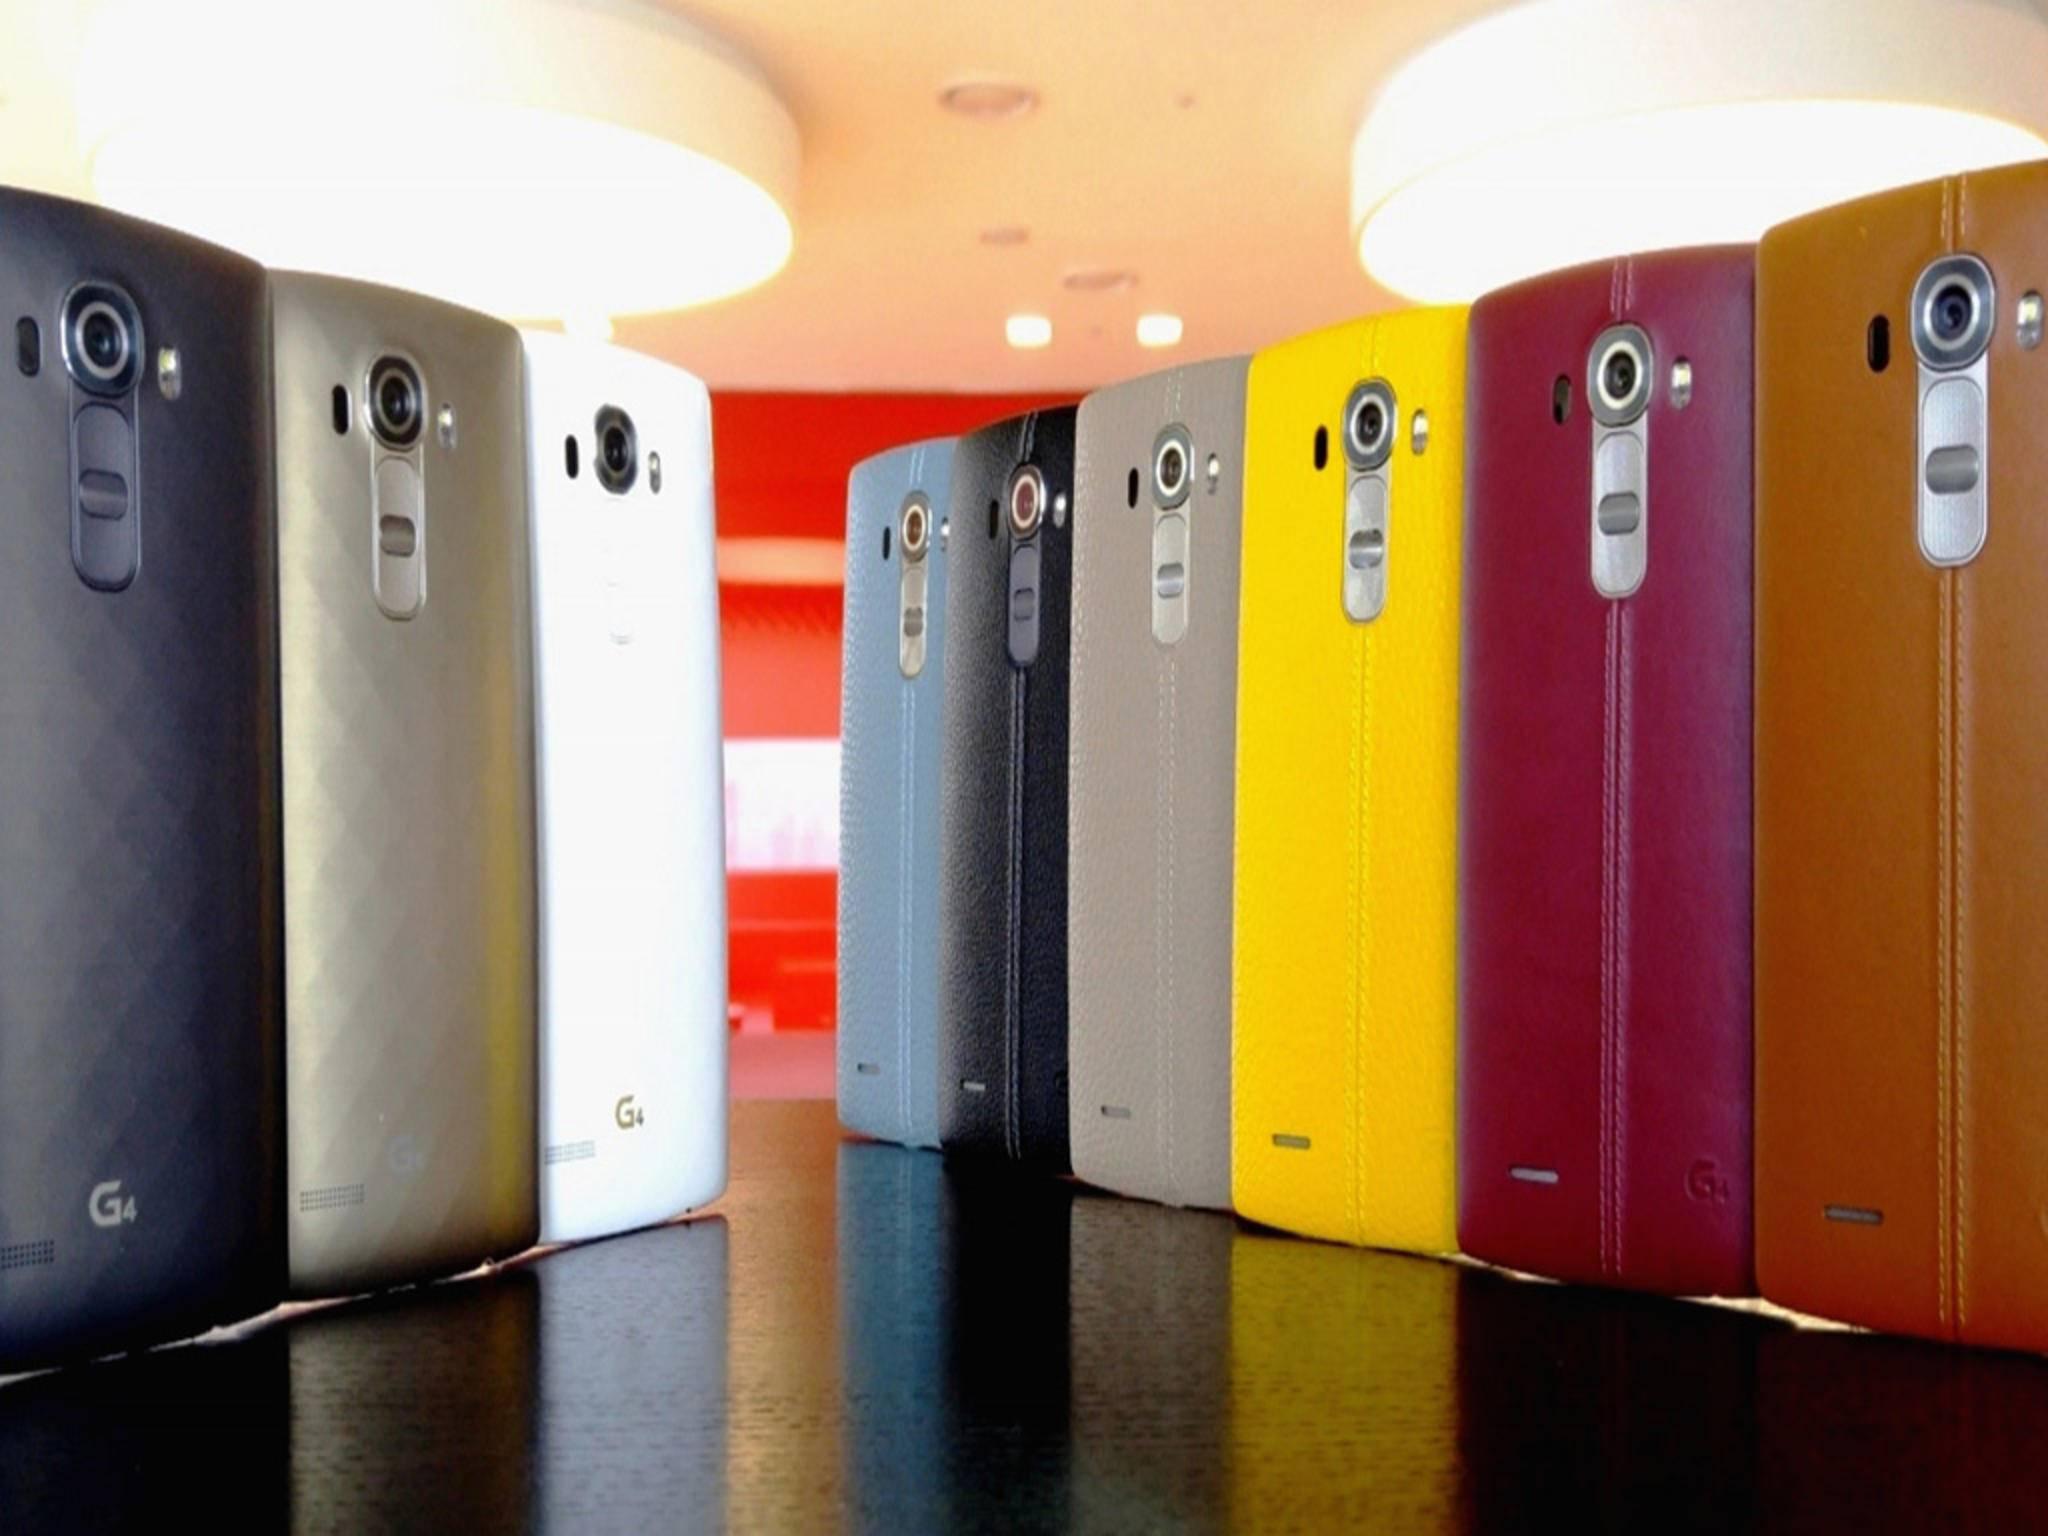 Zuwachs für die Familie: LG könnte ein weiteres Smartphone vorstellen.